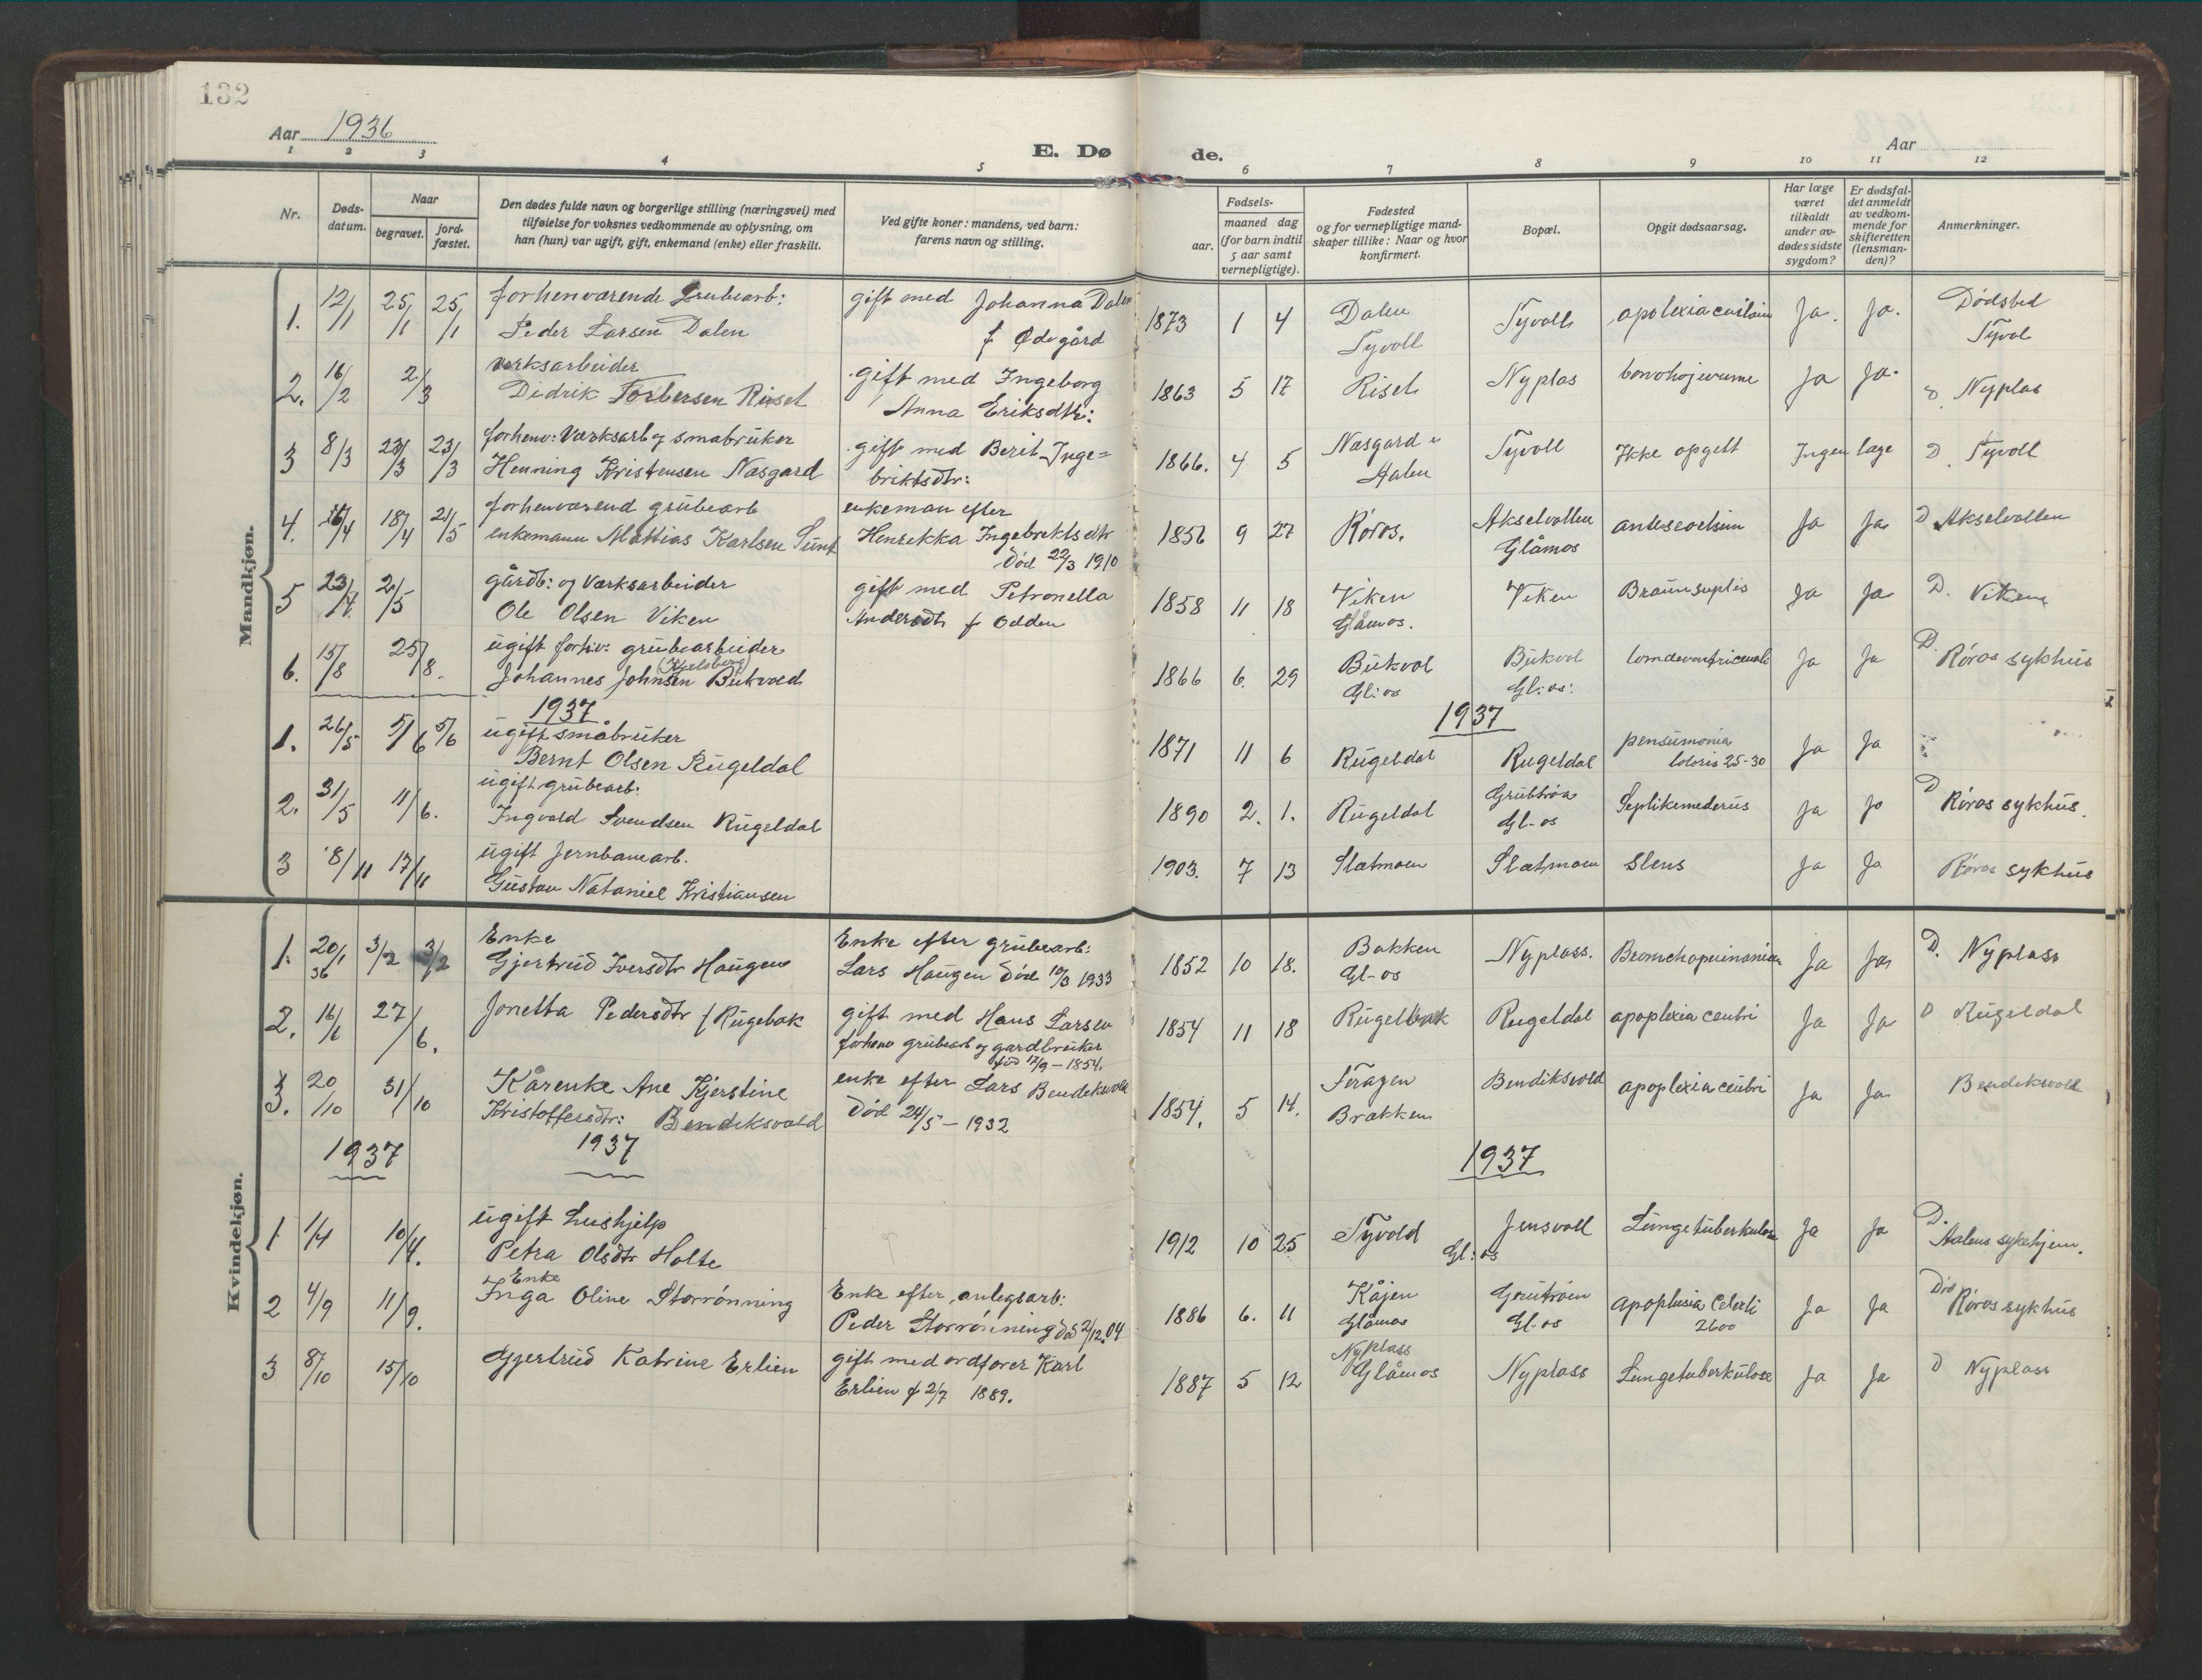 SAT, Ministerialprotokoller, klokkerbøker og fødselsregistre - Sør-Trøndelag, 682/L0947: Klokkerbok nr. 682C01, 1926-1968, s. 132